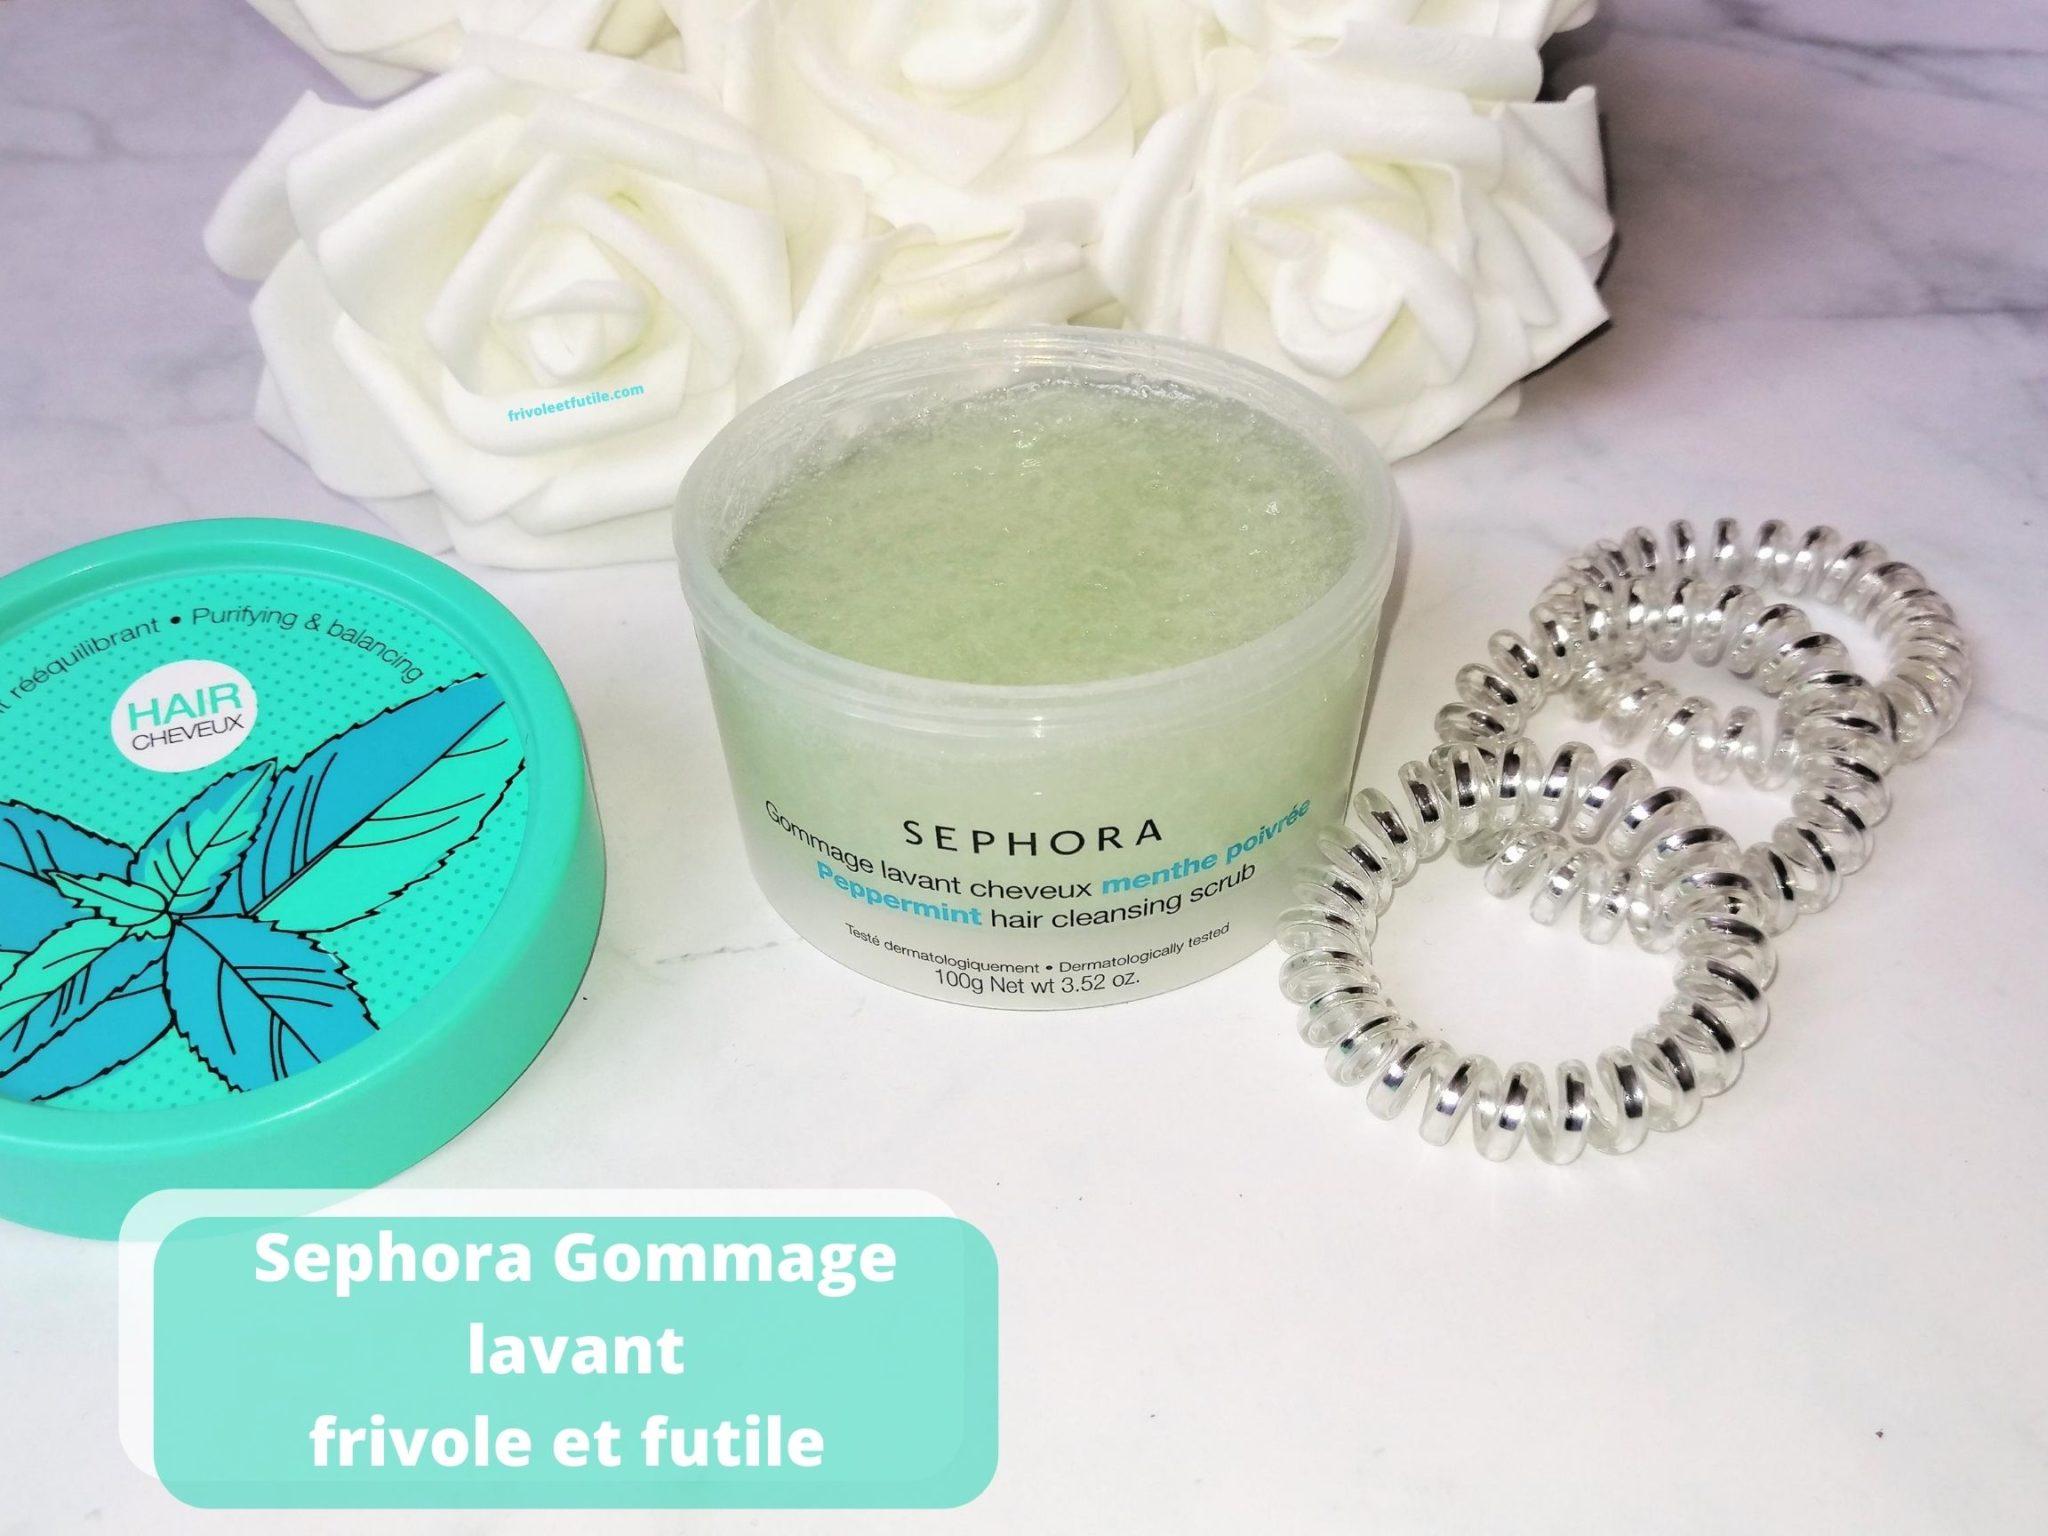 Sephora Gommage lavant blog frivole et futile (1)